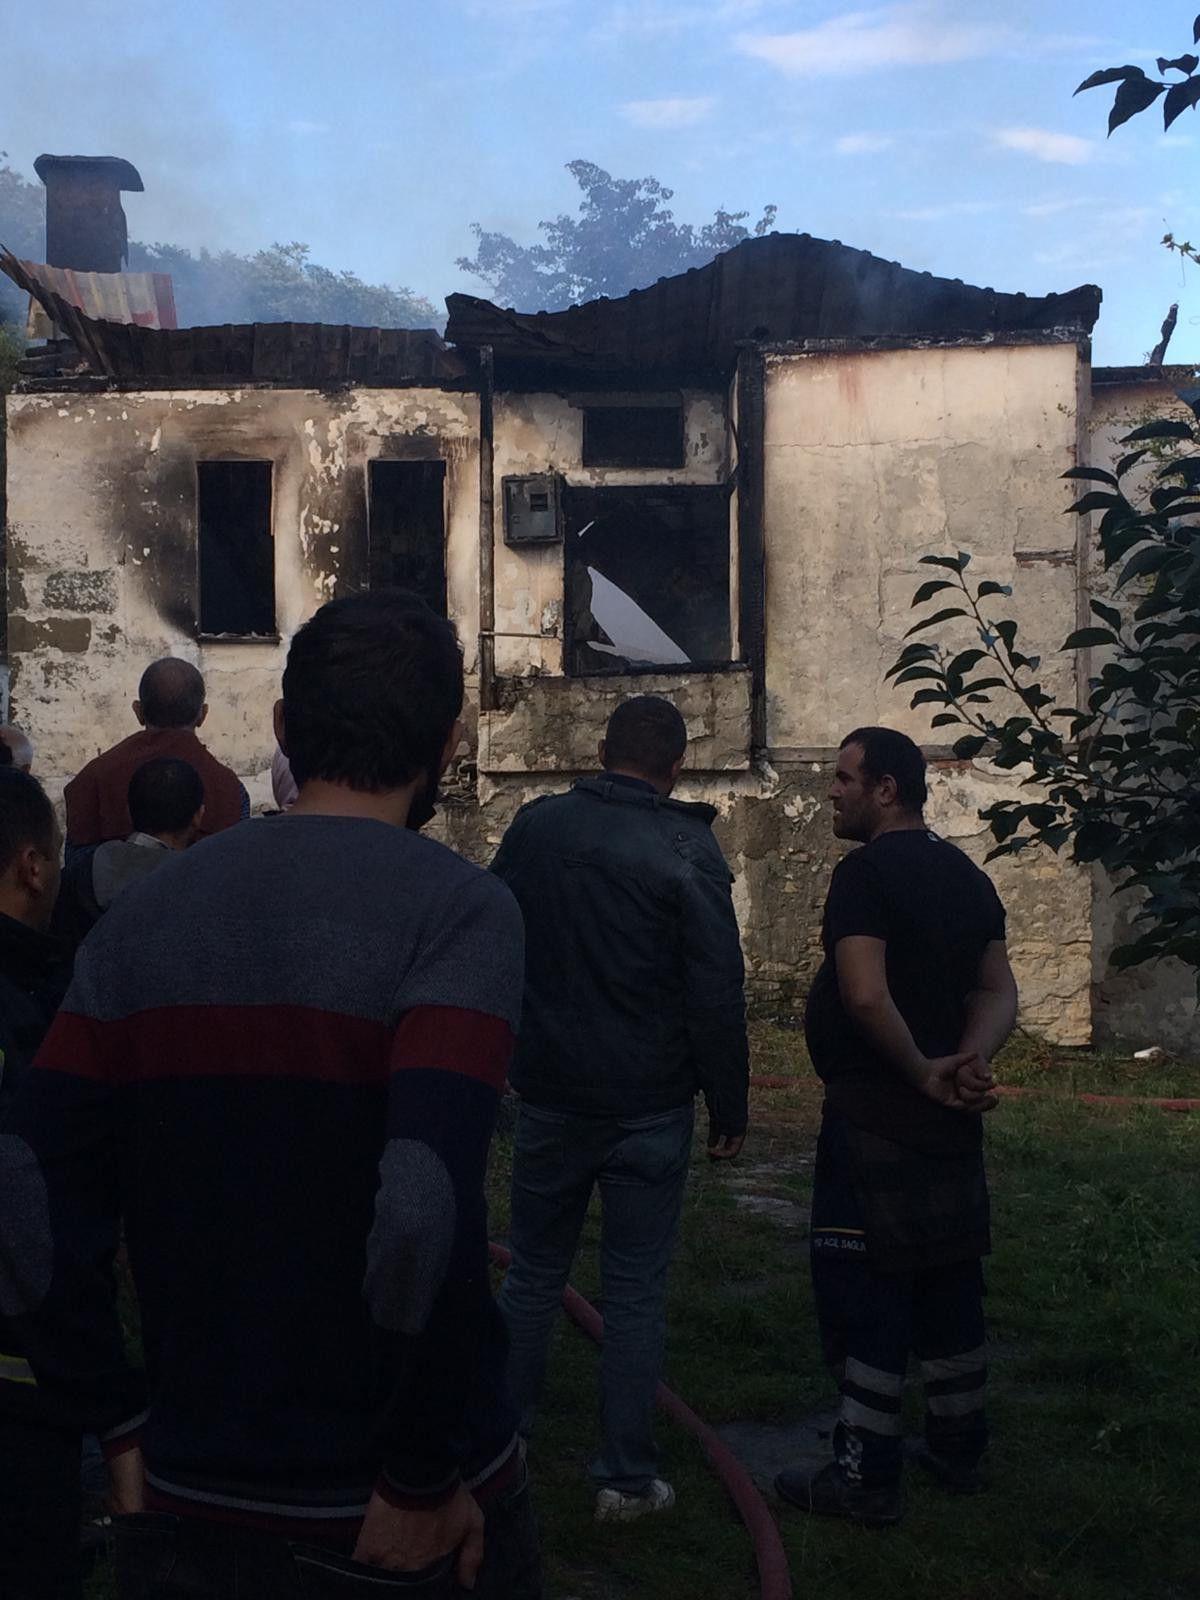 Ordu da yalnız yaşayan 83 yaşındaki kadın, yangında öldü #1